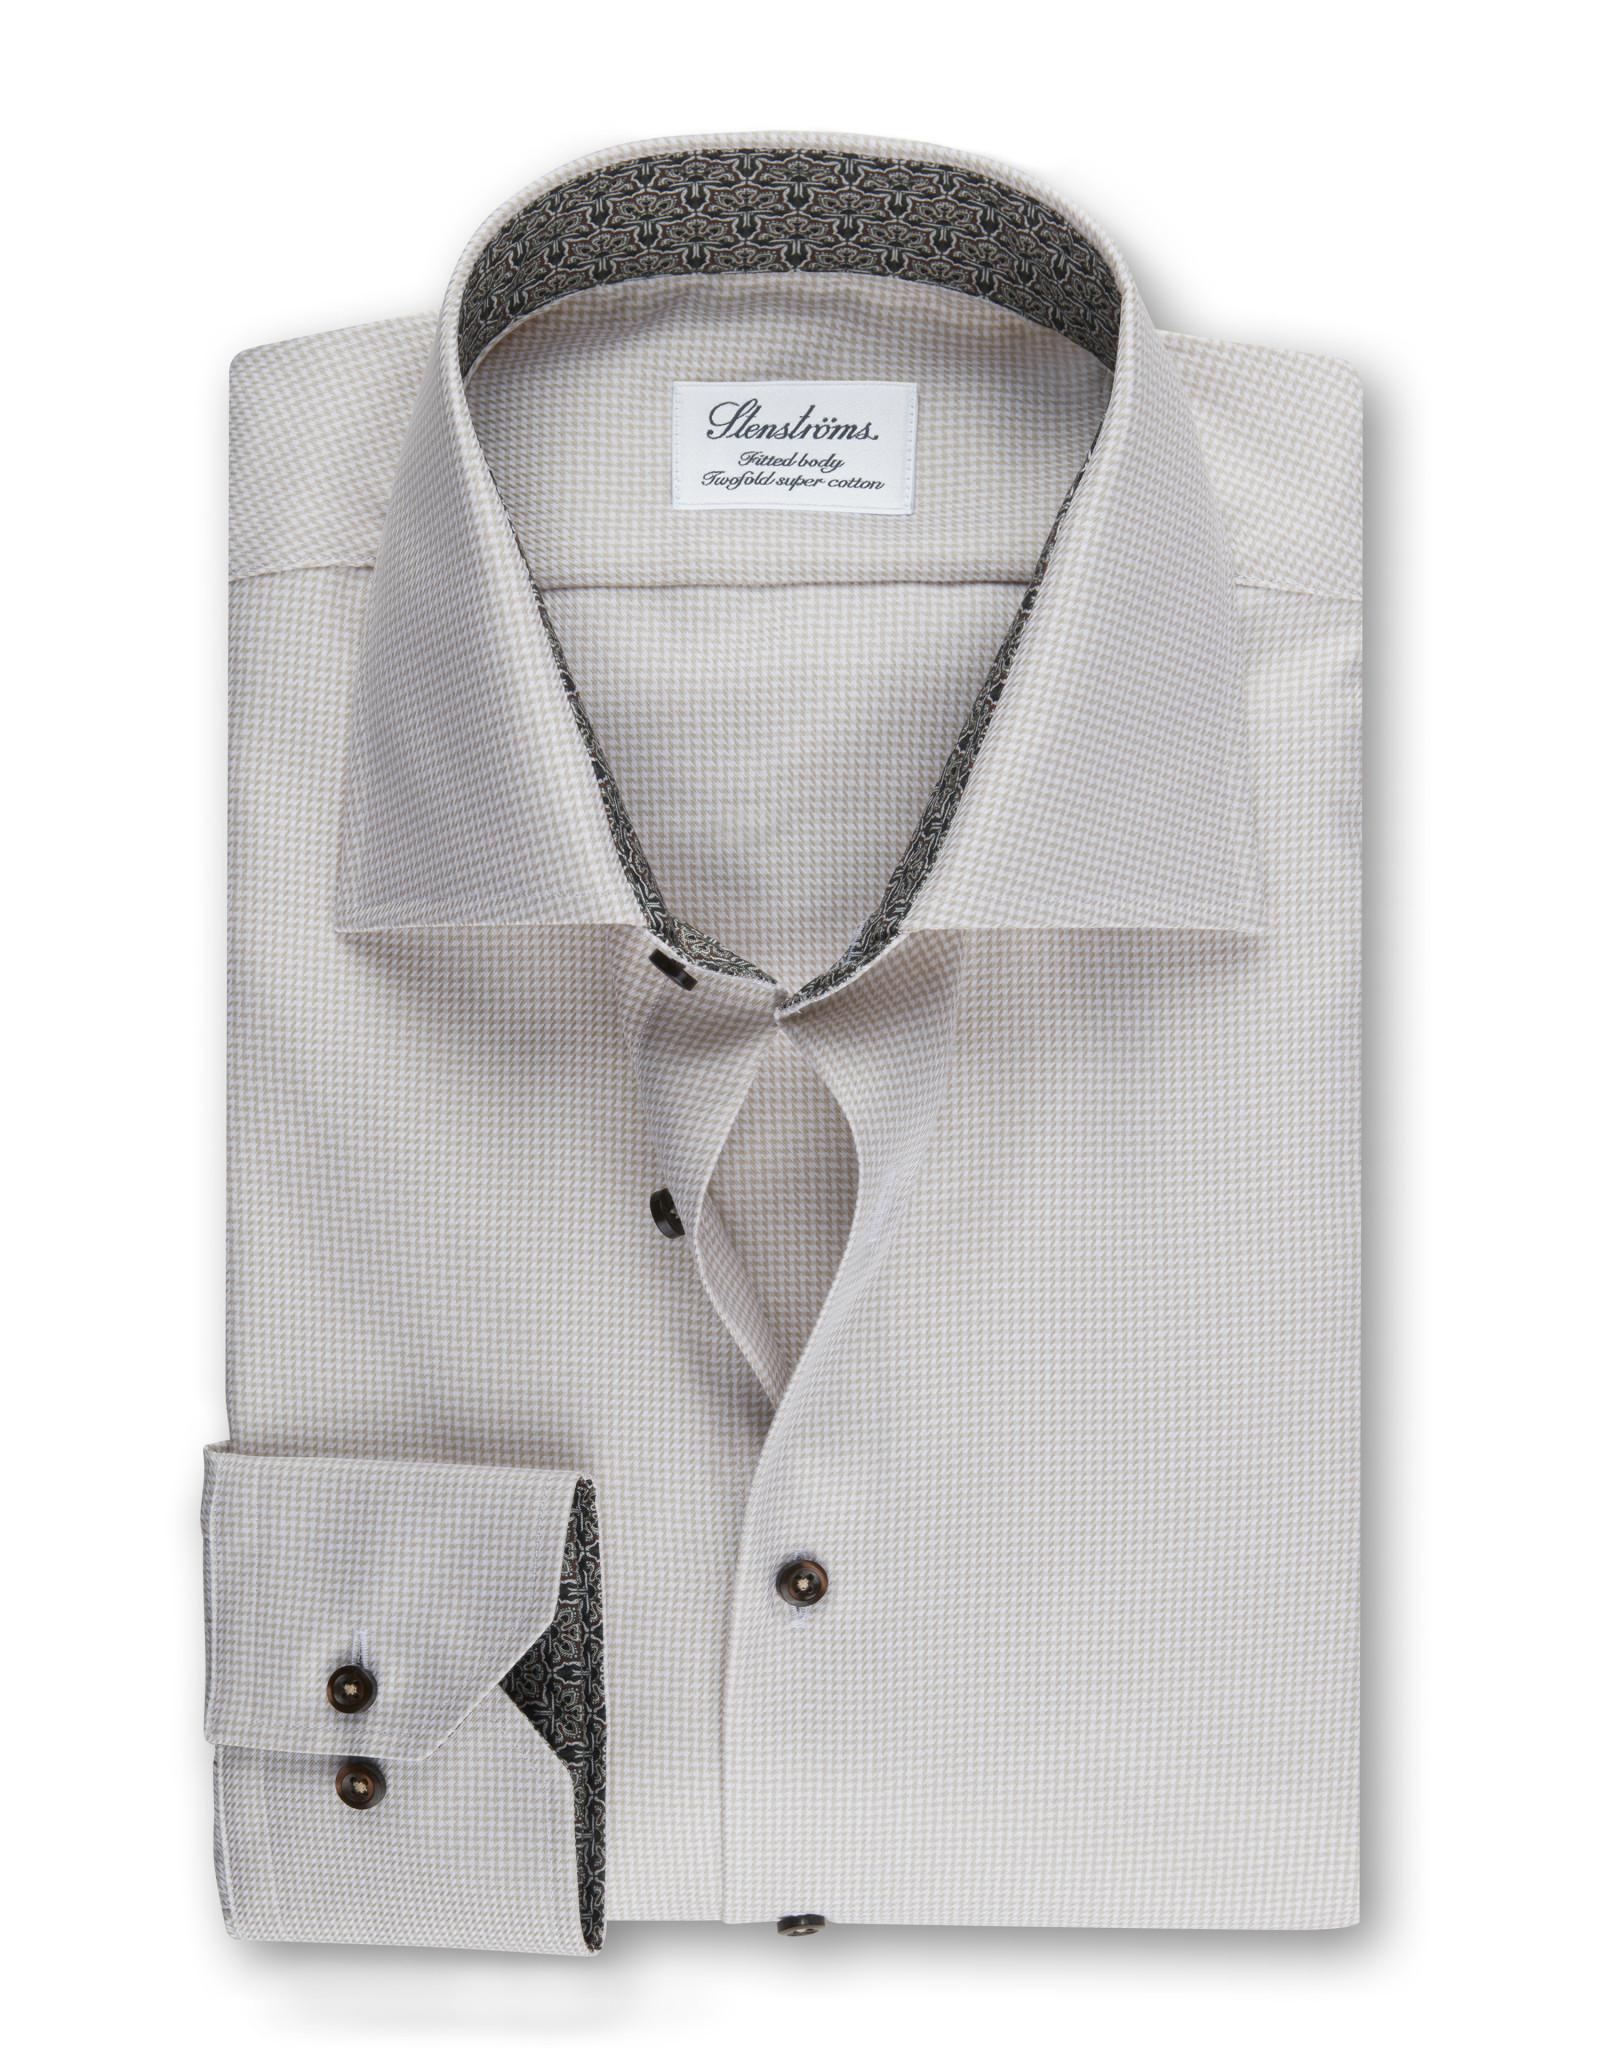 Stenströms Stenströms hemd beige Fitted body 684771-2319/210